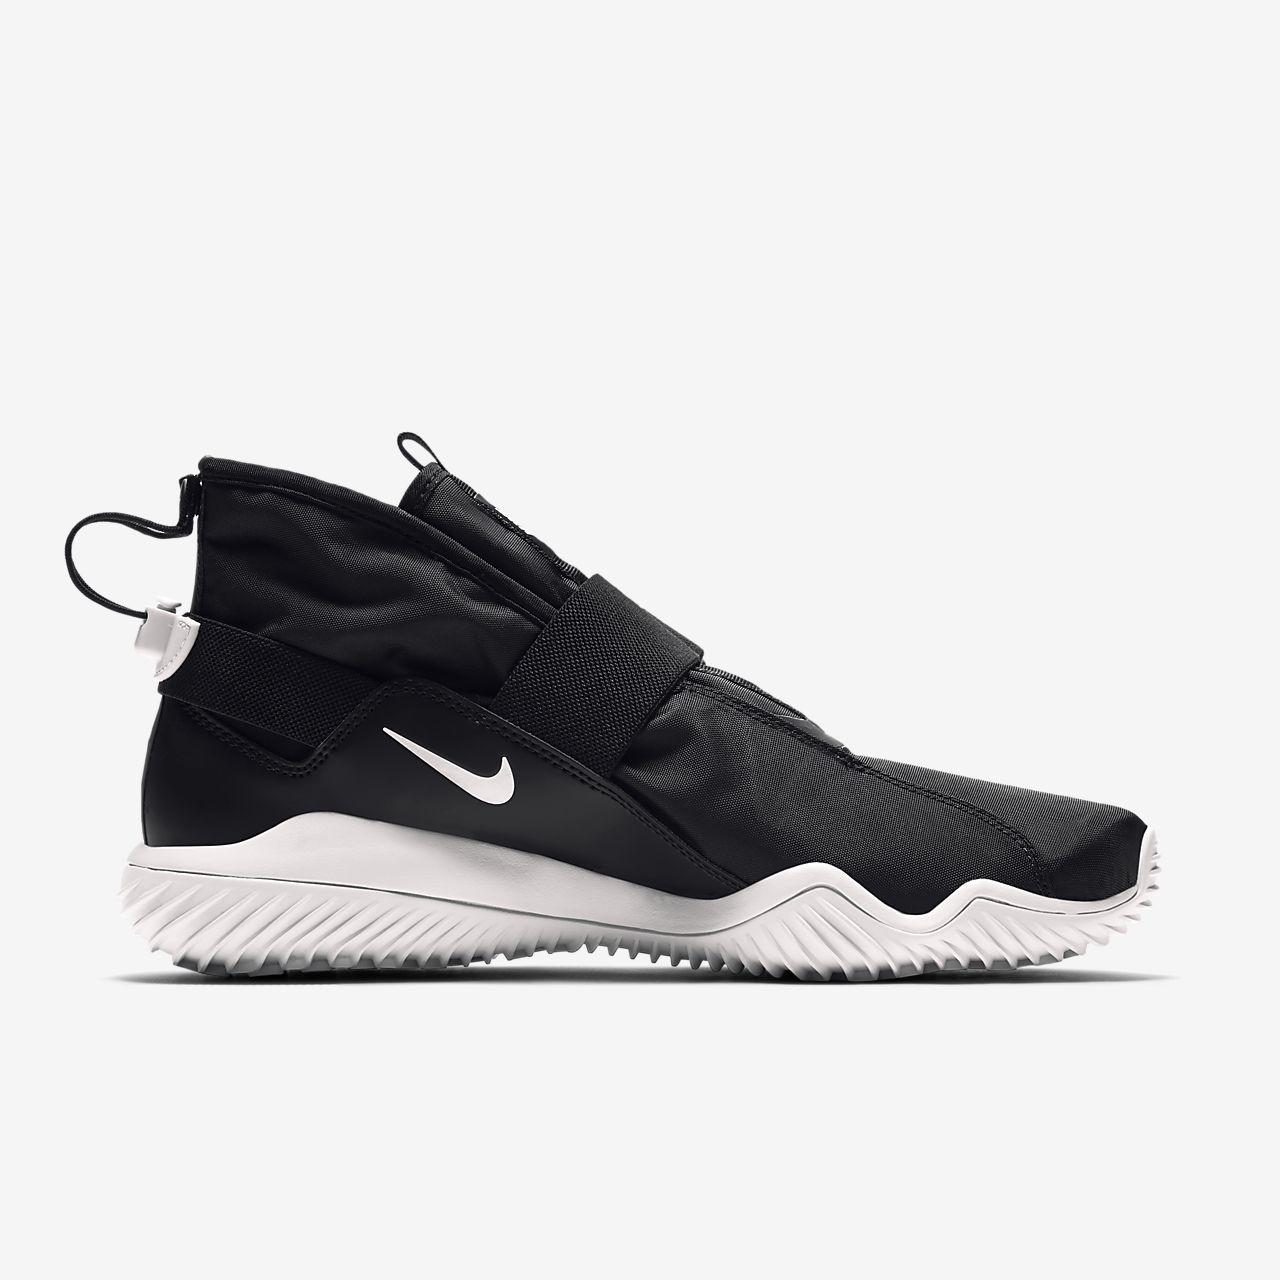 6acf0995c816c1 Low Resolution Nike Komyuter Men s Shoe Nike Komyuter Men s Shoe